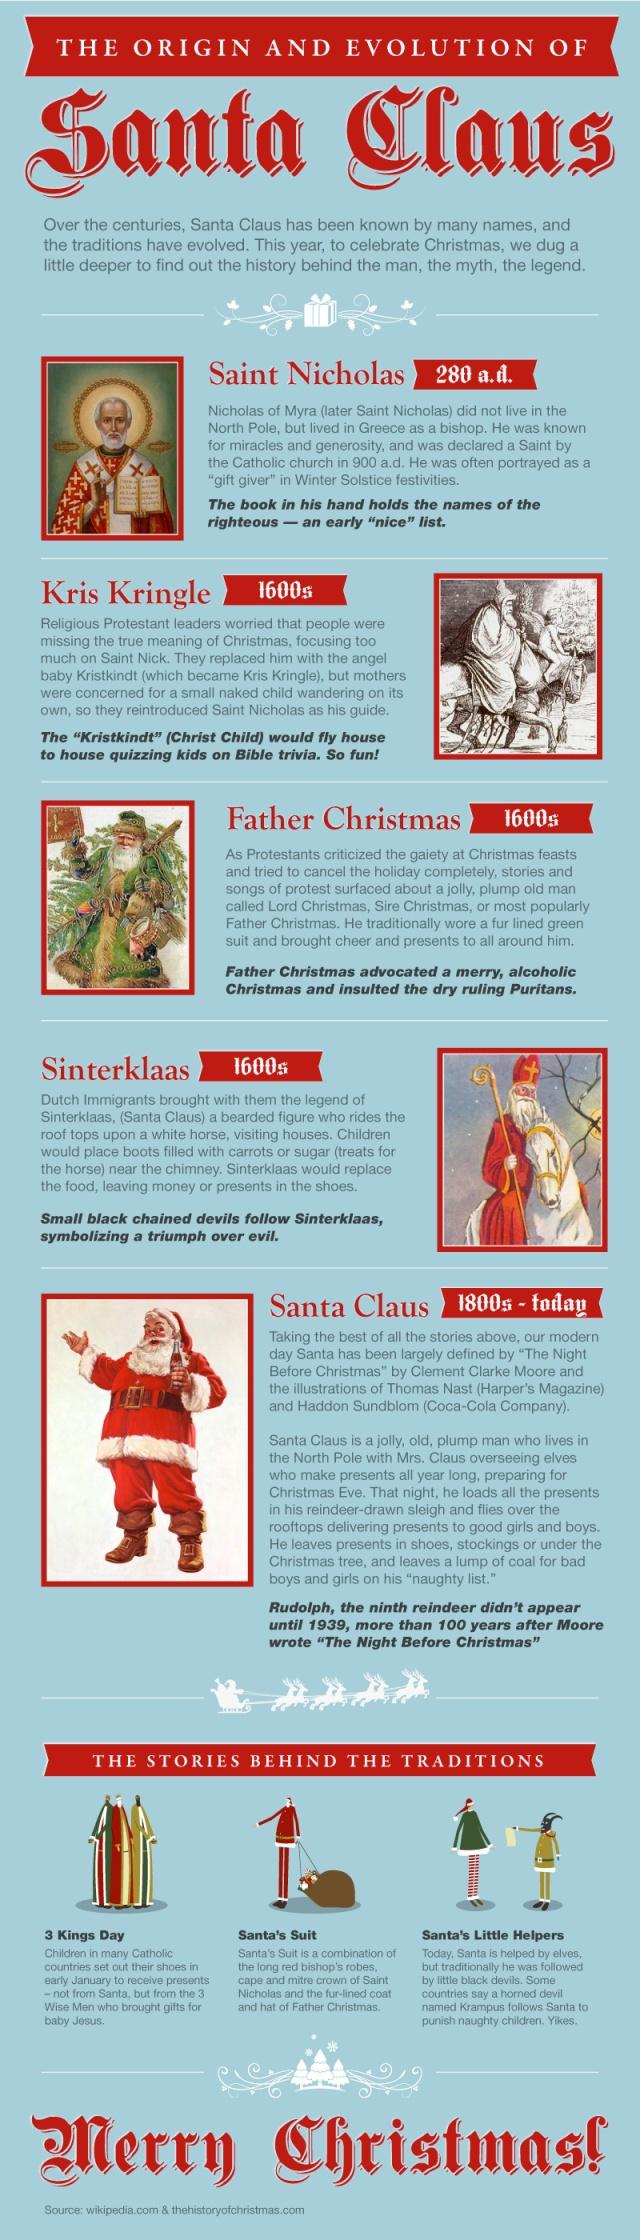 Origen y evolución de Santa Claus